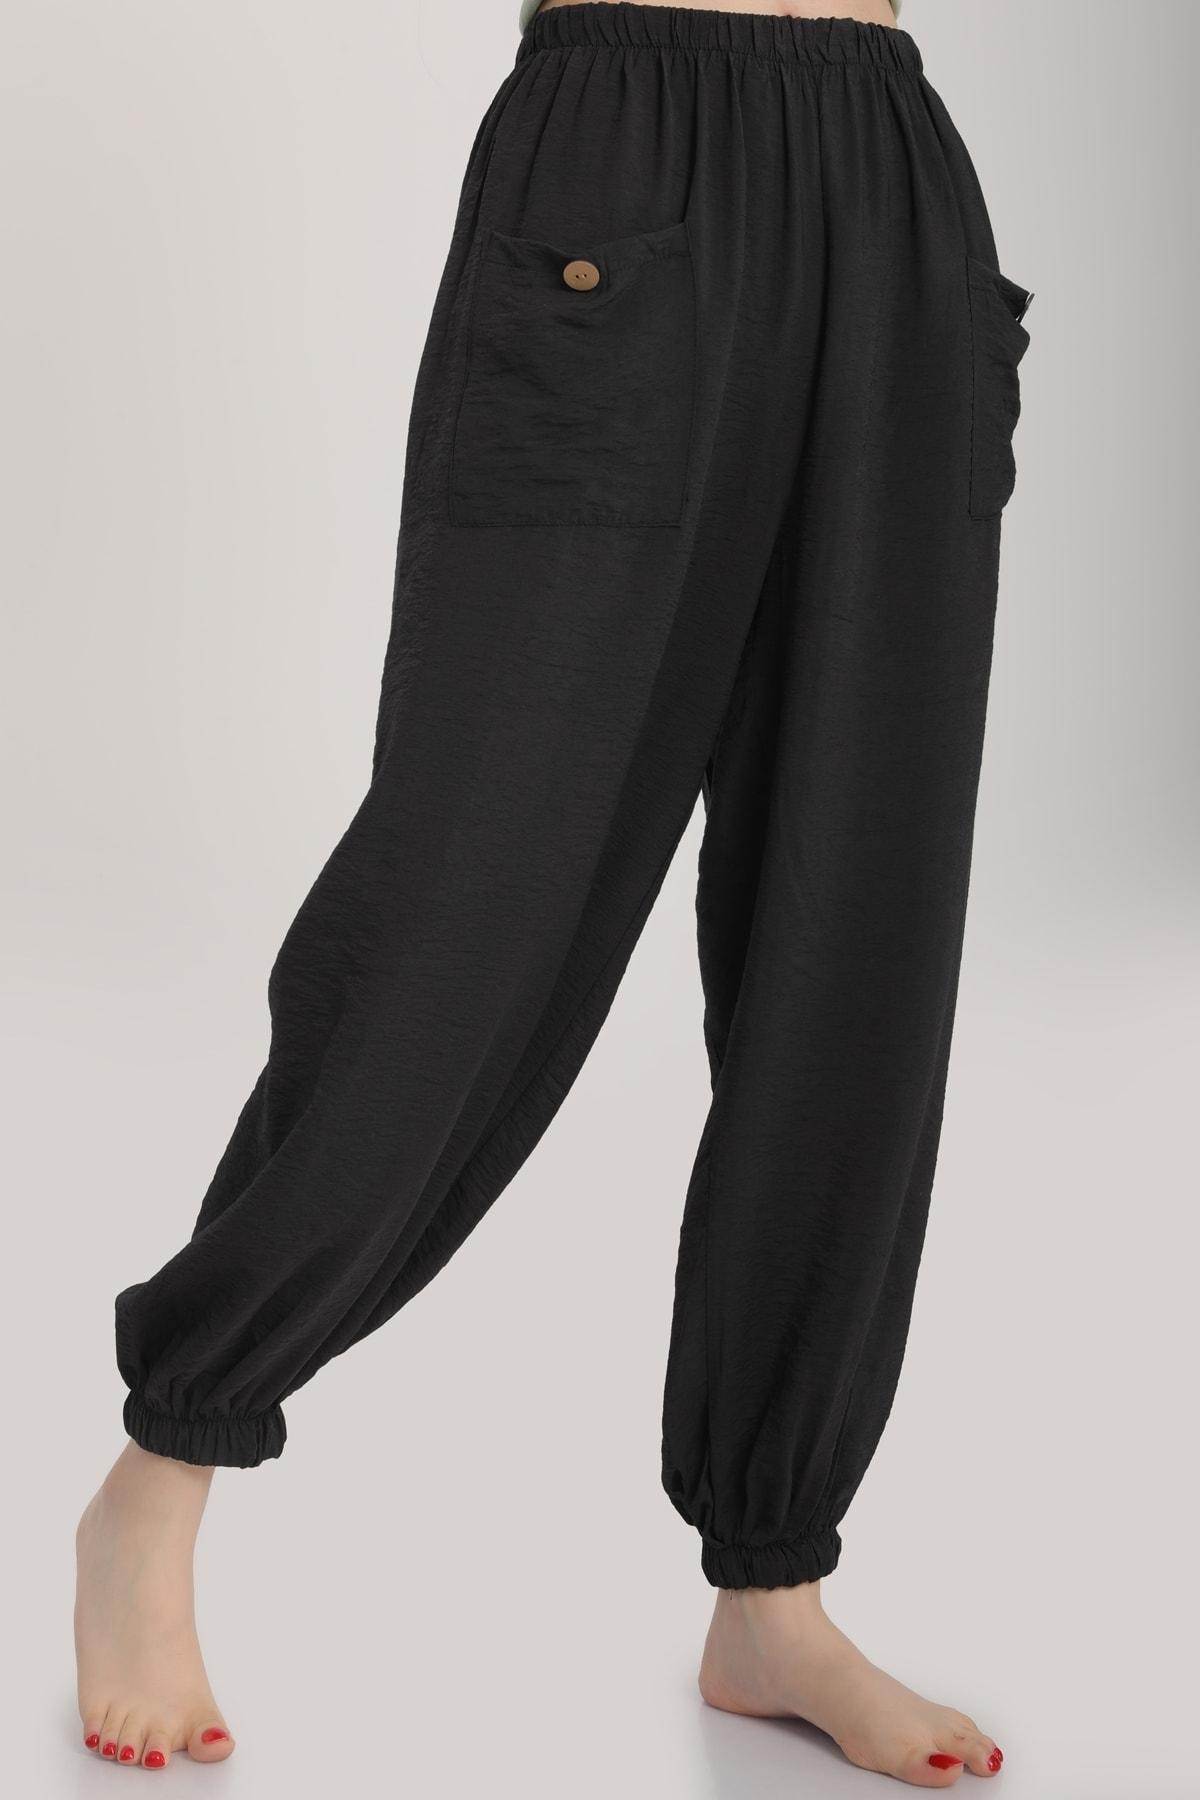 MD trend Kadın Siyah Bel Lastikli Salaş Pantolon Mdt6144 1